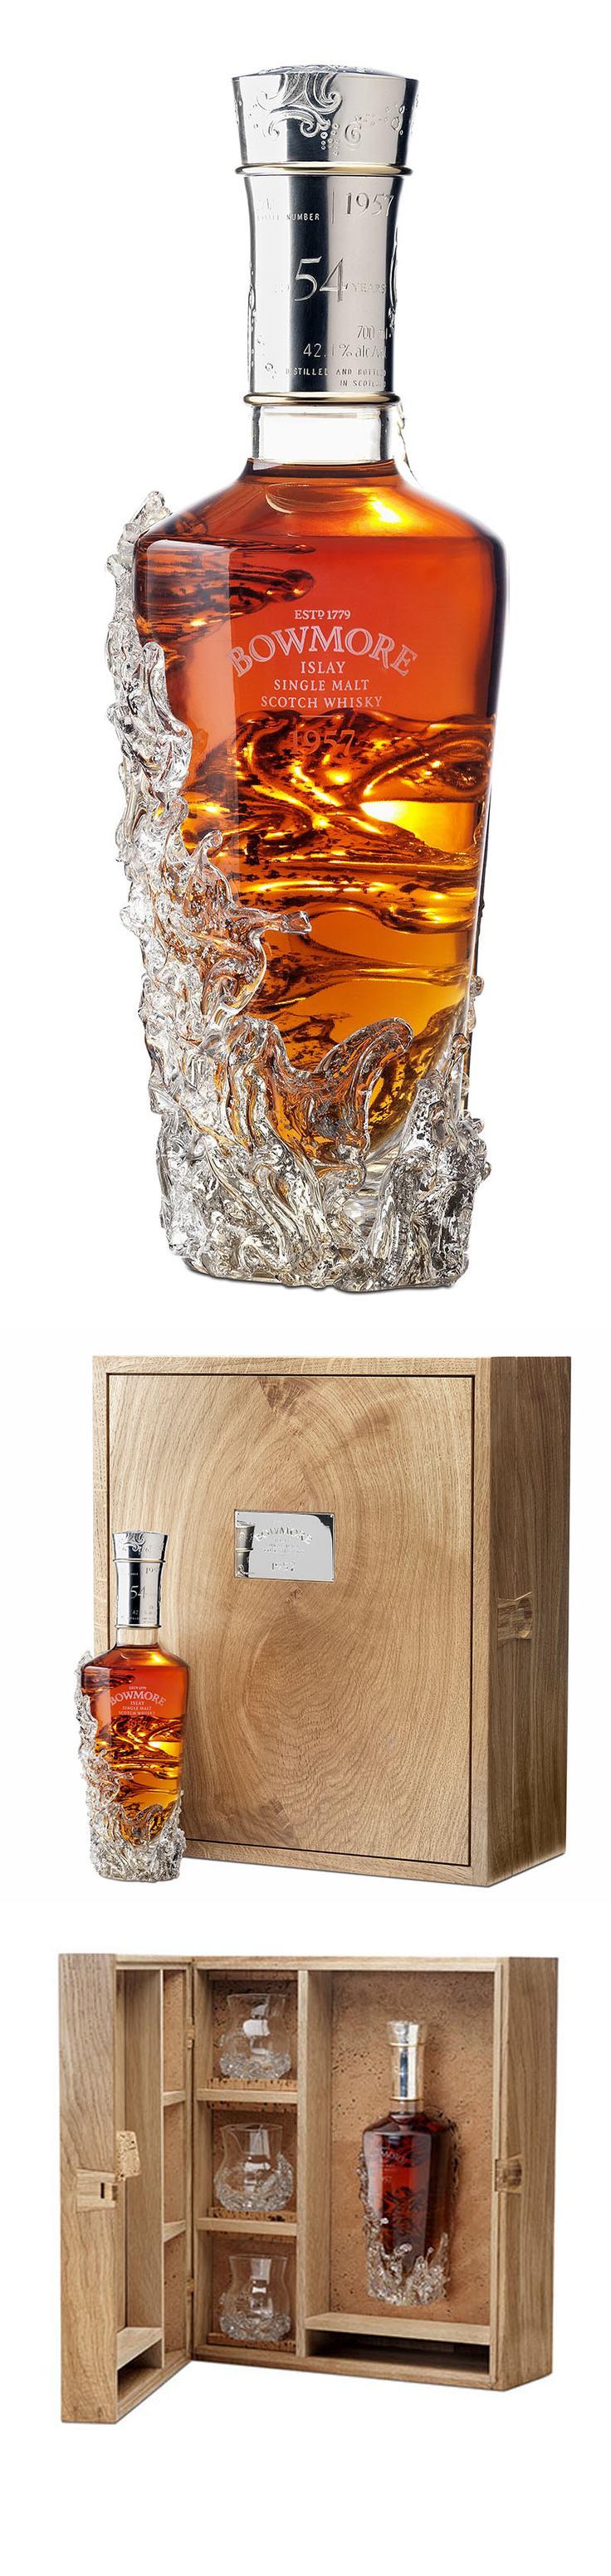 Botella de whisky que simula una capa de hielo